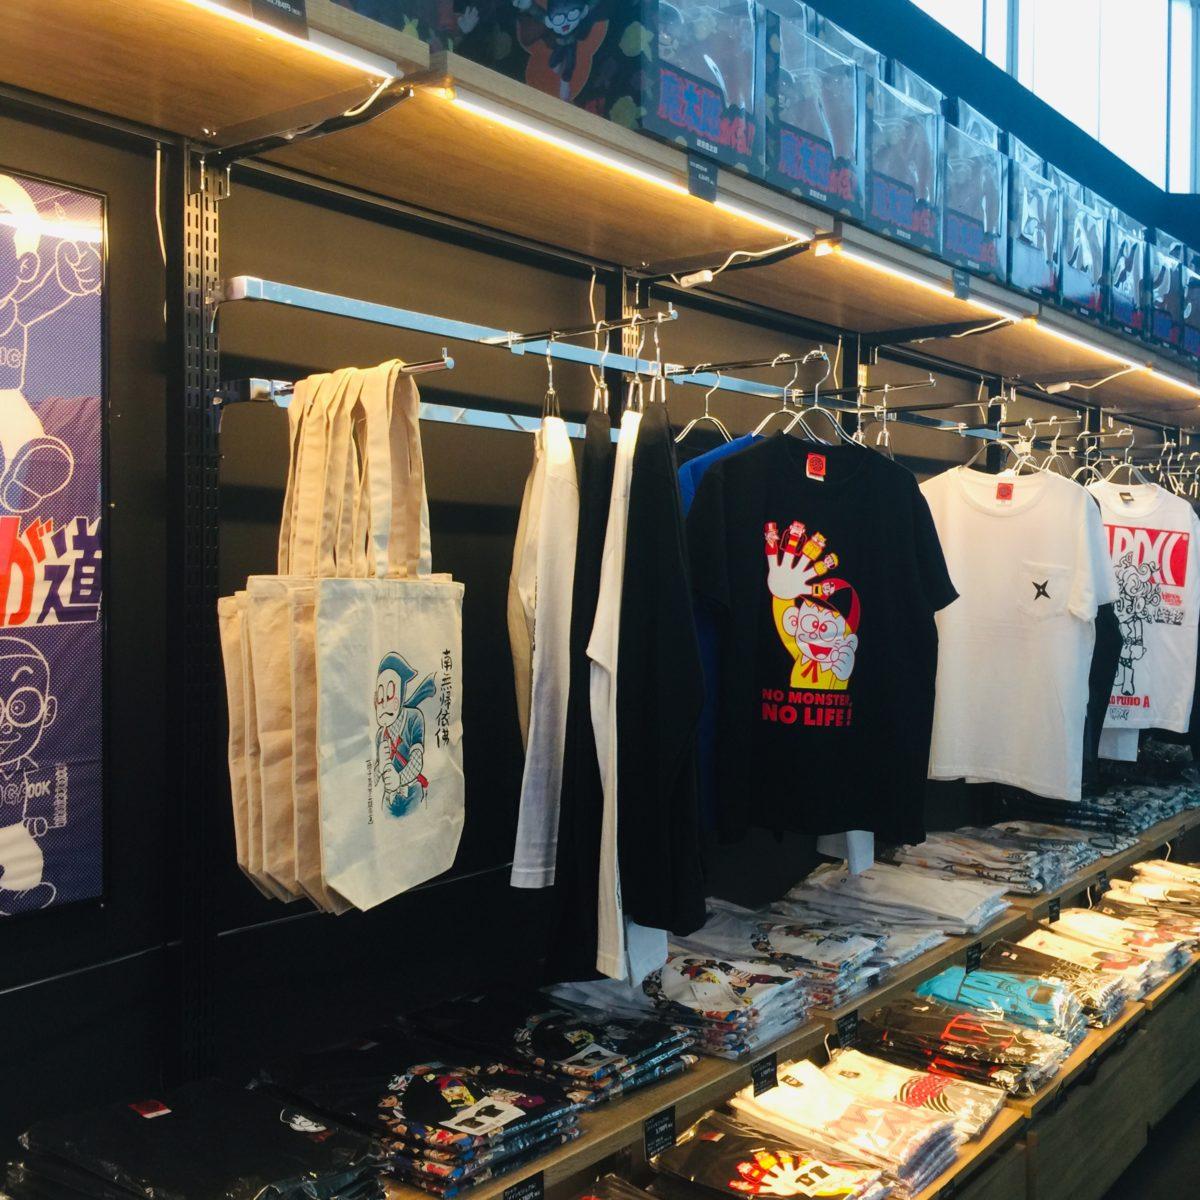 「藤子不二雄Ⓐ展」でのおみやげ屋「怪奇や」でのTシャツ販売